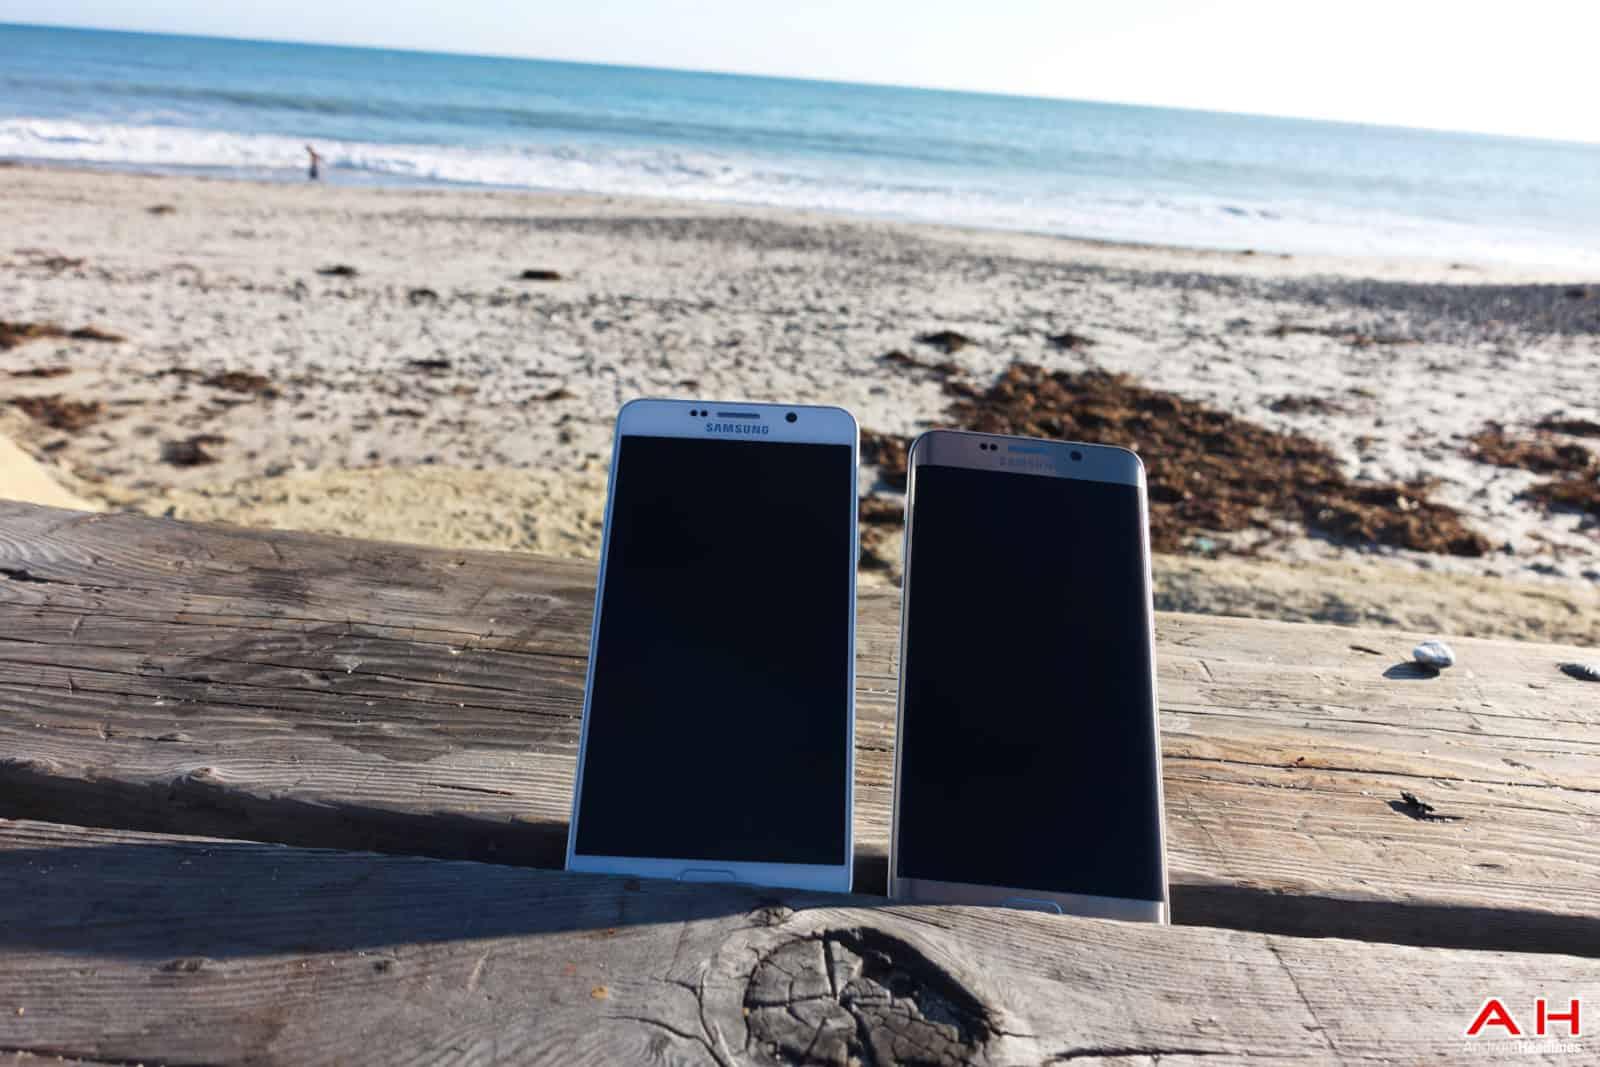 AH Samsung Galaxy Note 5 Edge Plus + 2015 Chris-32